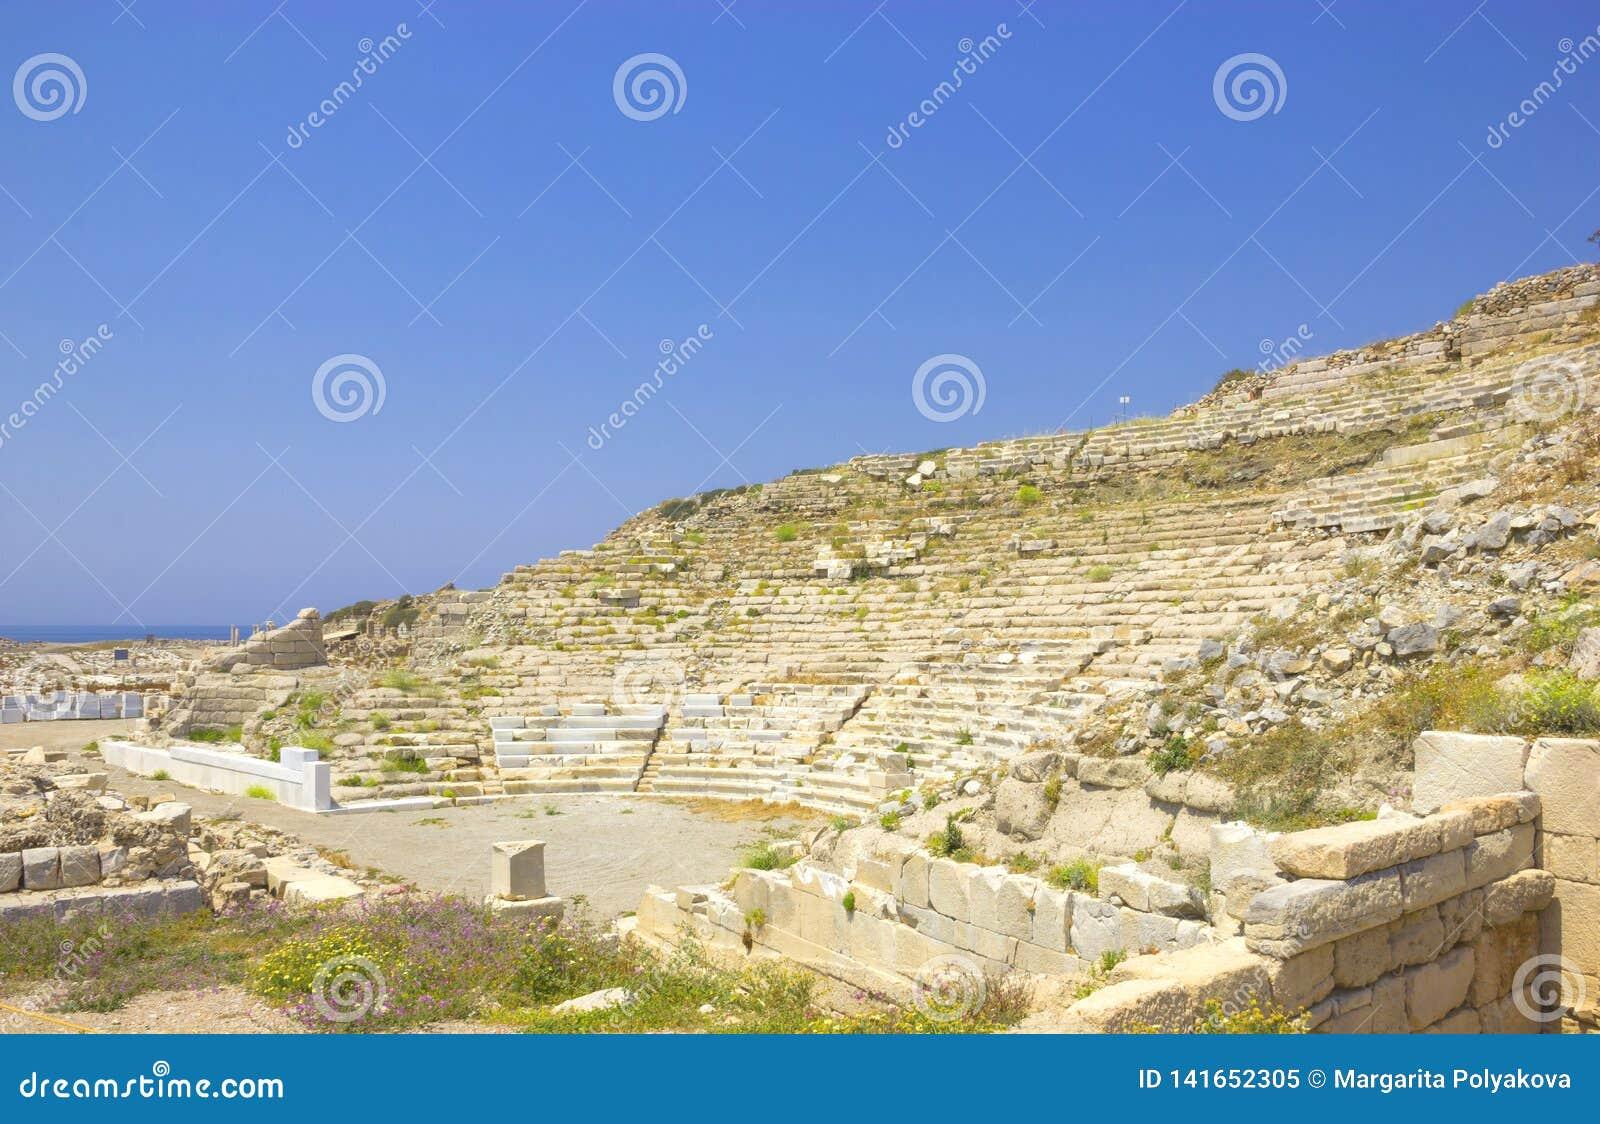 Ruinas de la ciudad antigua de Knidos en Turquía